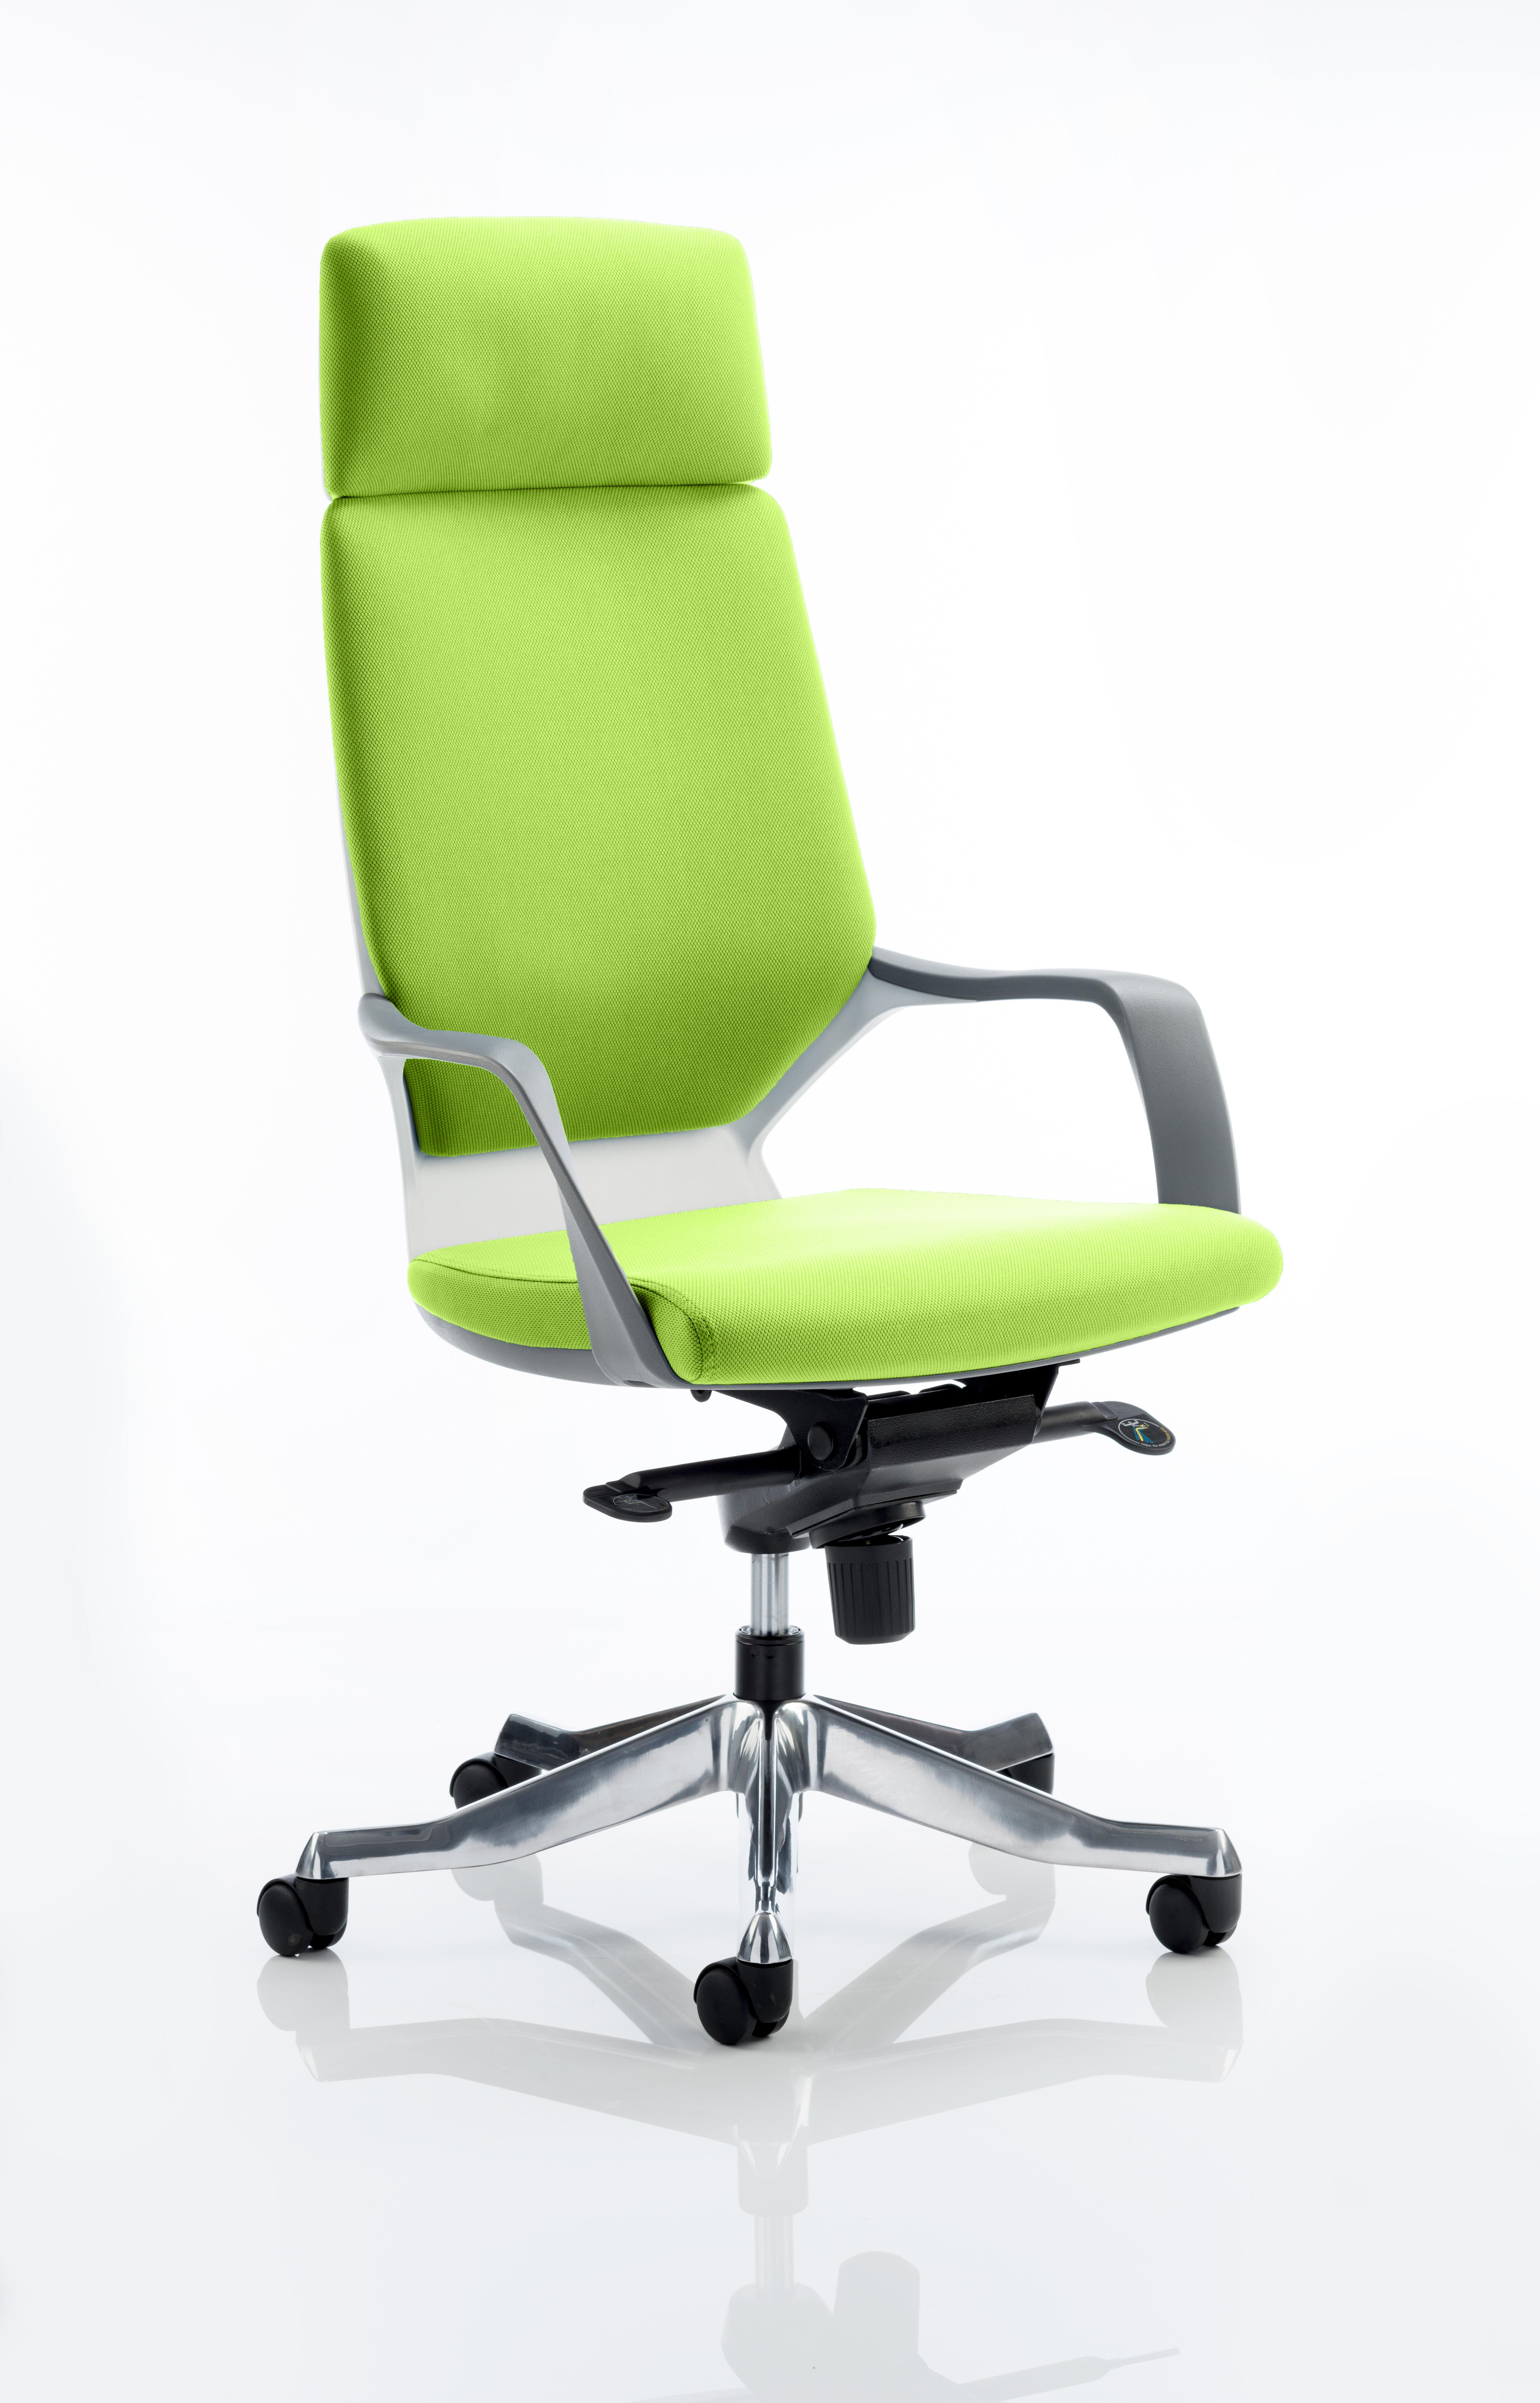 Xenon Headrest White Shell Bespoke Colour Myrrh Green